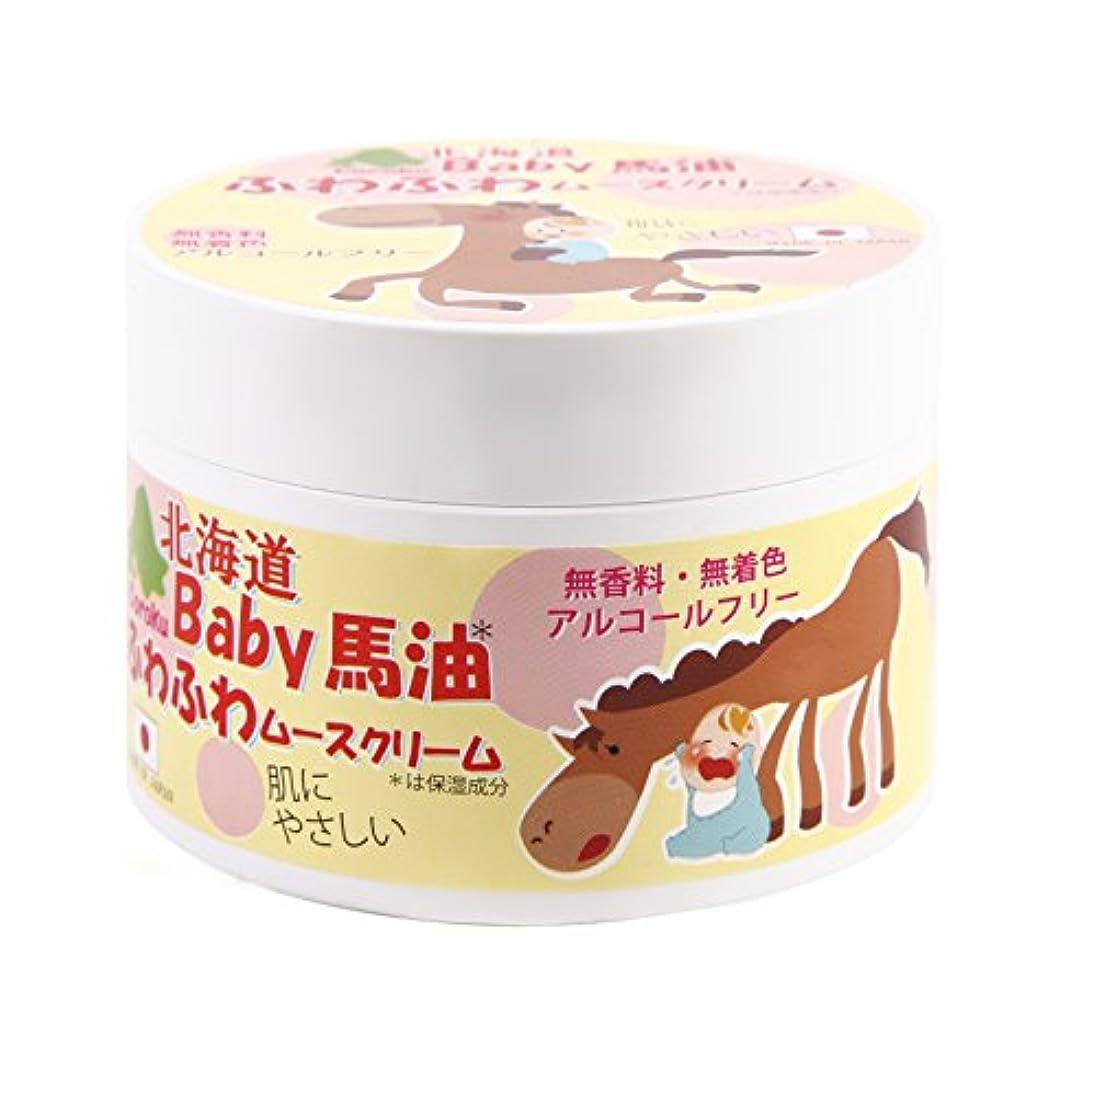 裁量摂氏度懐小六 北海道Baby馬油 ふわふわムースクリーム 200mL